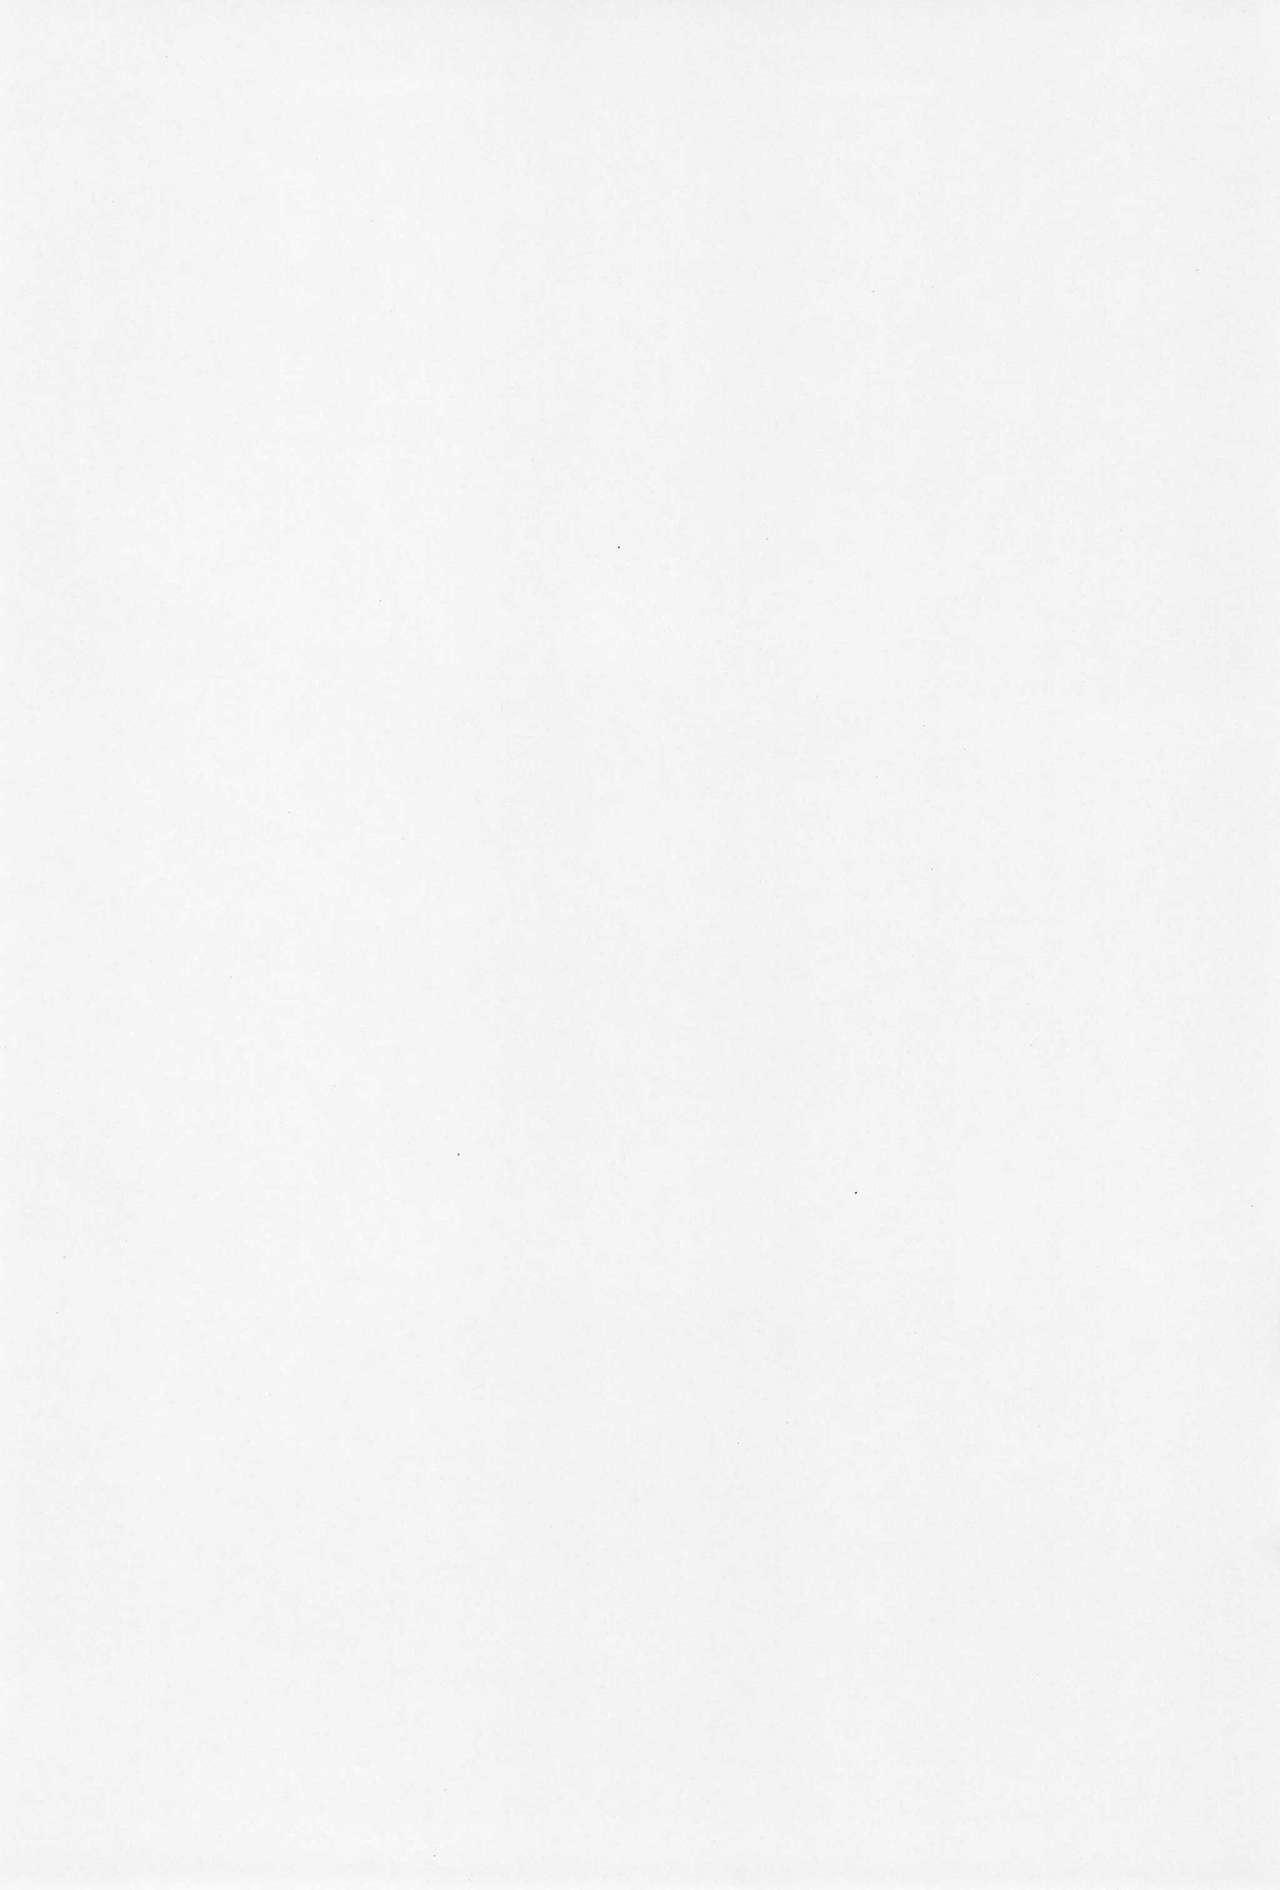 RAKUGAKI NOTE vol.15 29